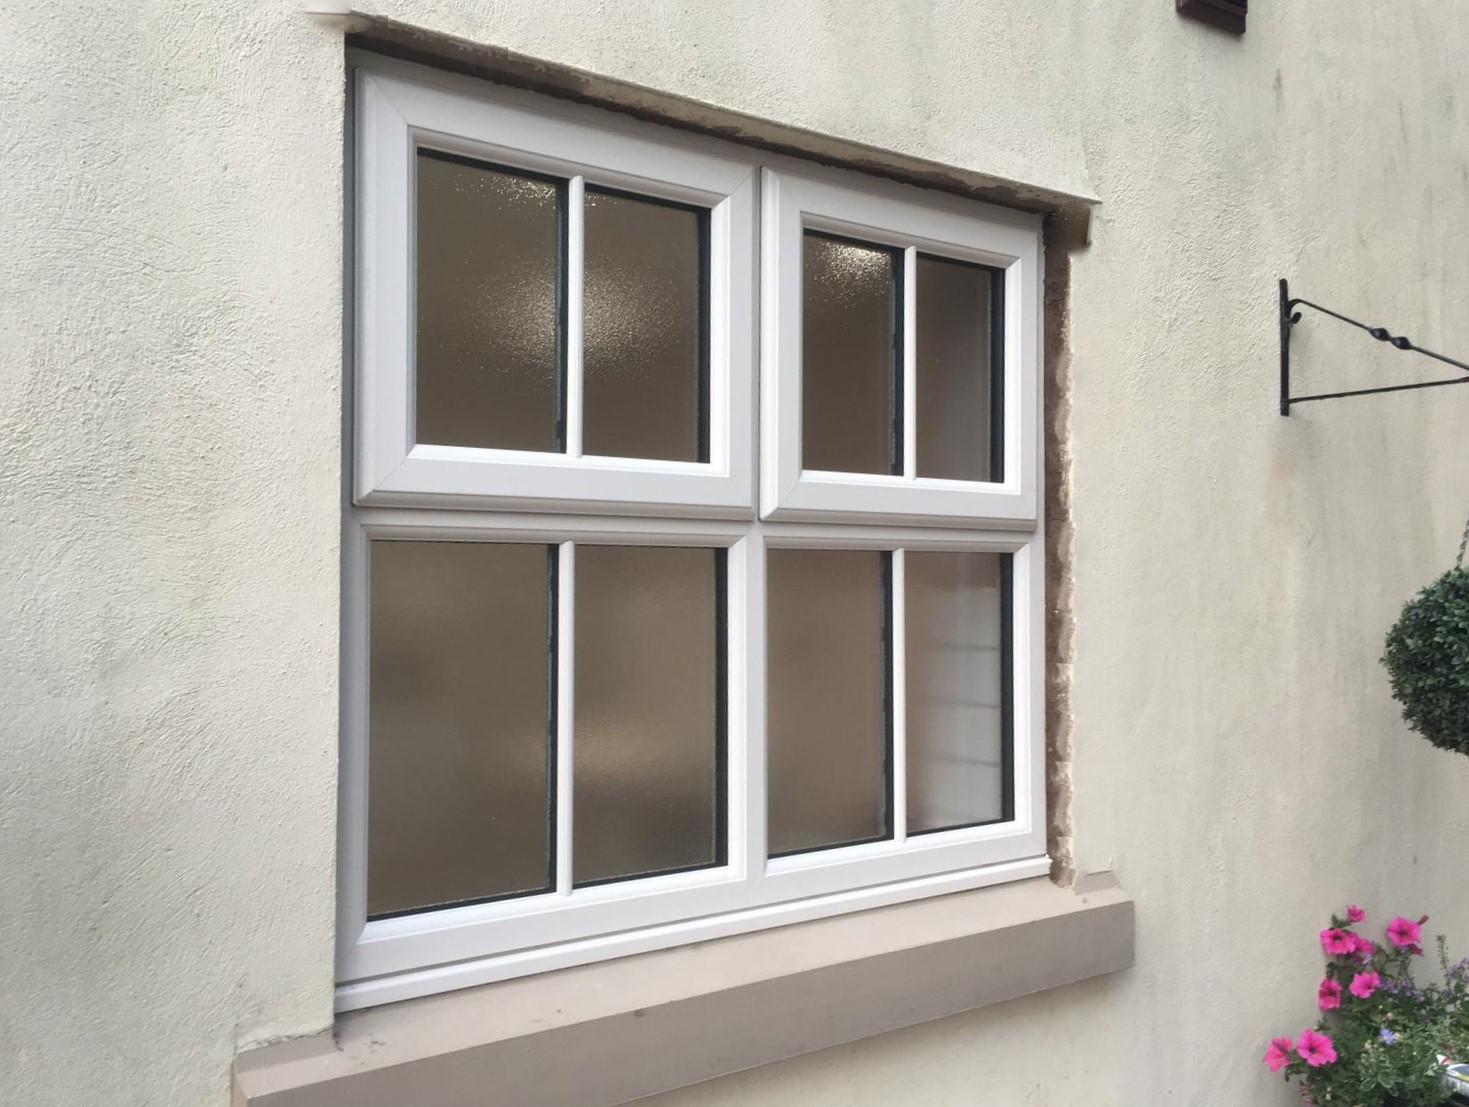 Casement window in render